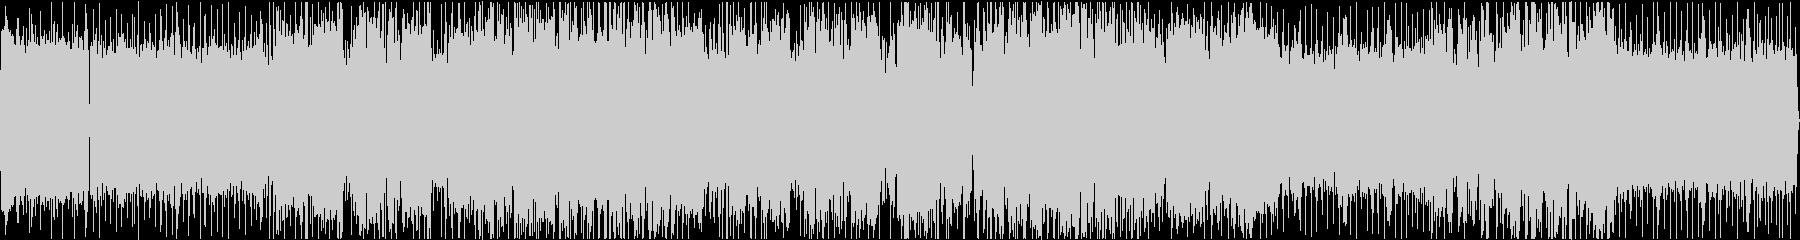 アップテンポなアニソンOP向けロックの未再生の波形